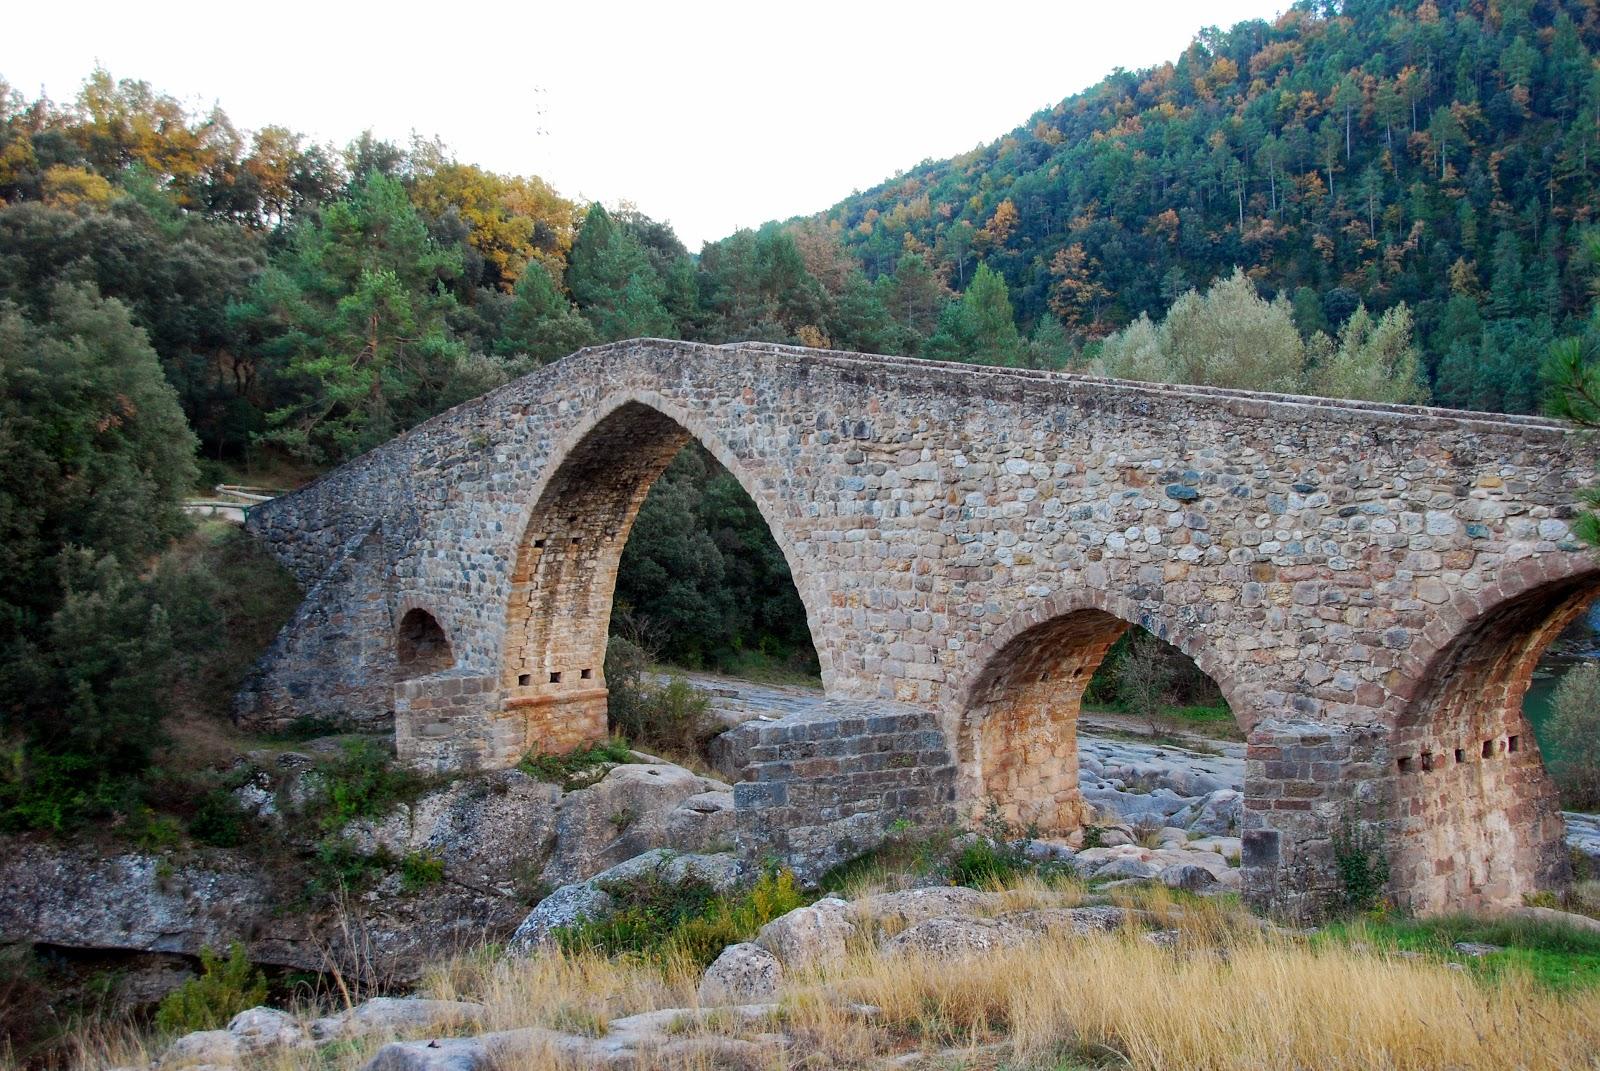 Del pont de pedret al santuari de la - Tiempo en sant quirze ...